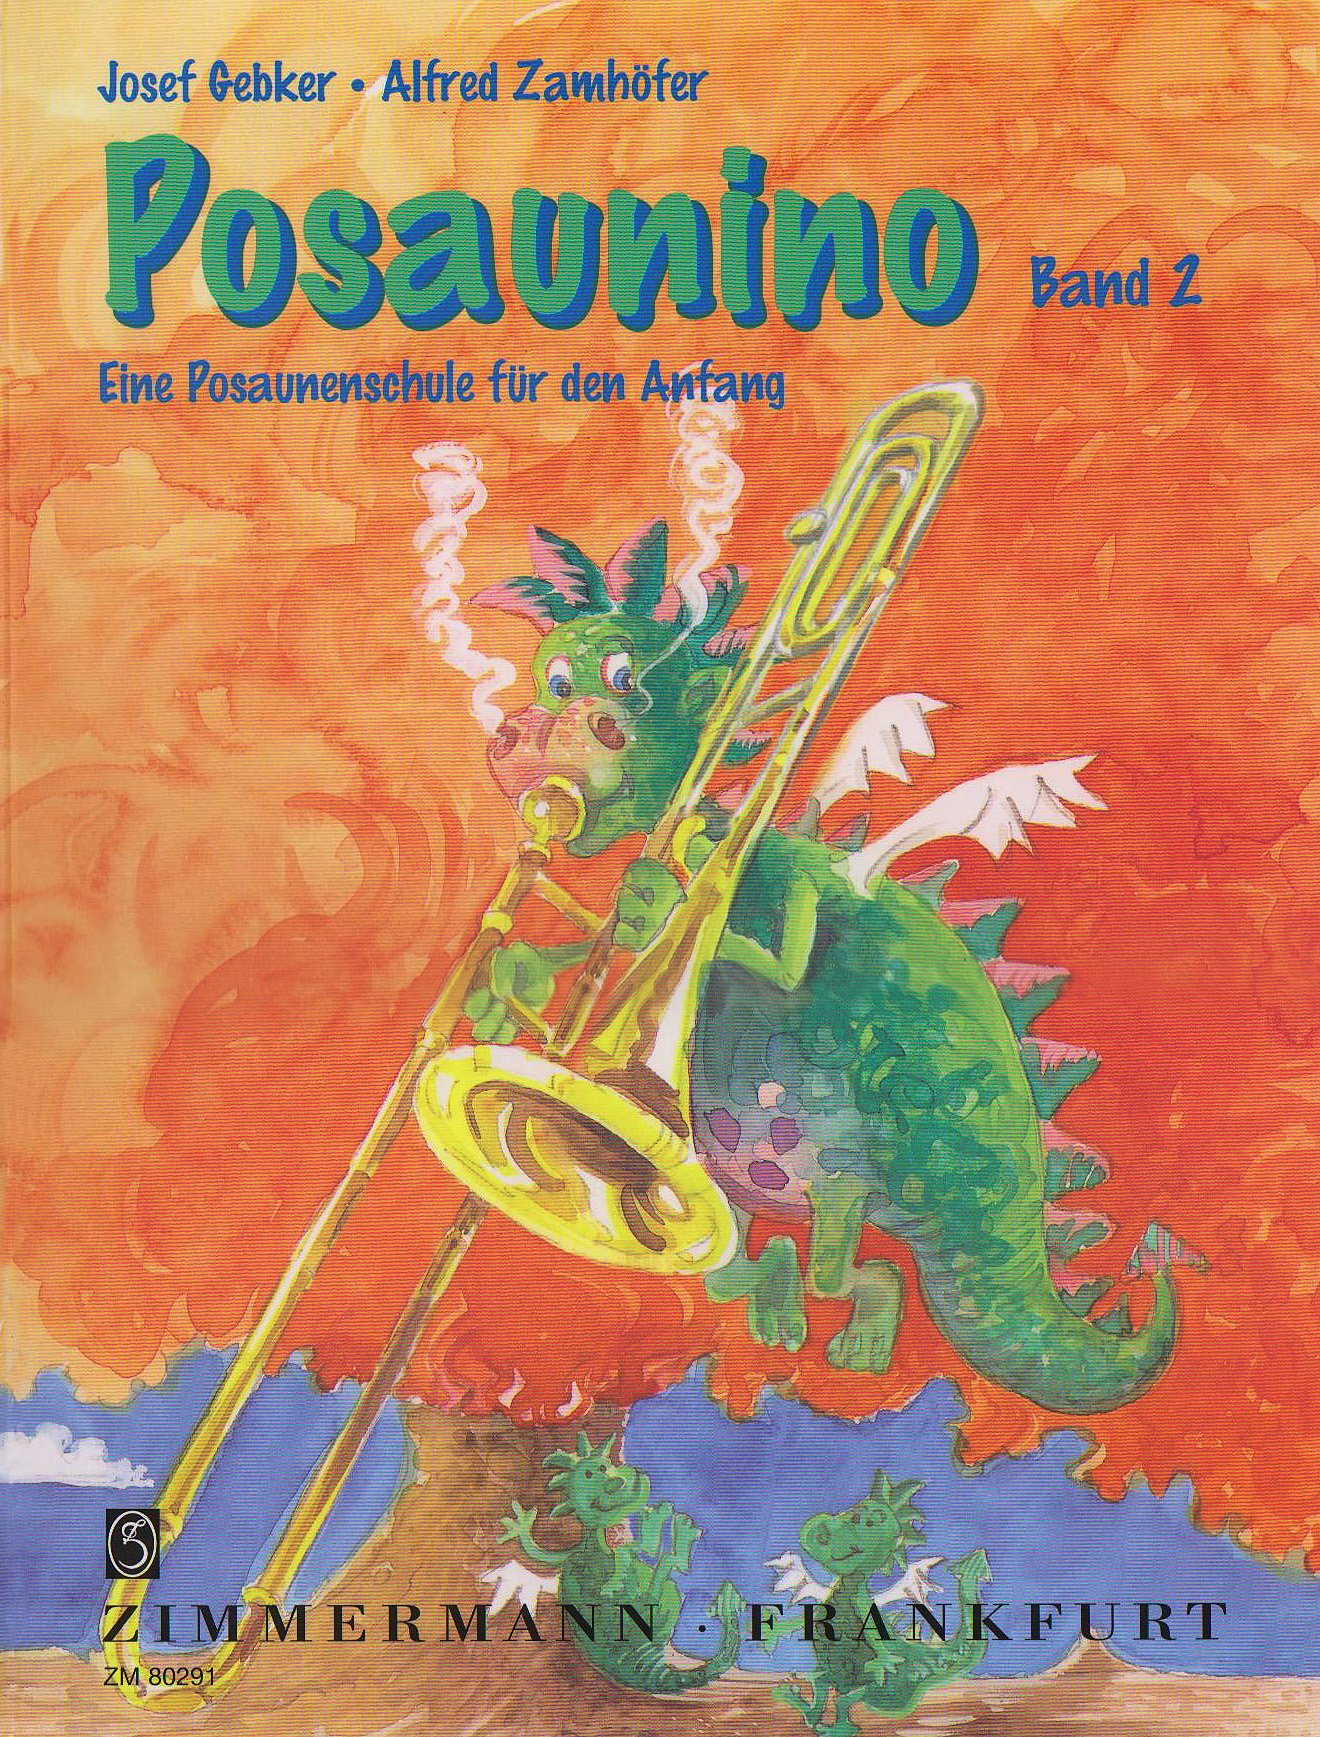 Posaunino 2: Eine Posaunenschule für den Anfang. Zugtabelle/Bindeübungen Broschiert – April 2003 Josef Gebker Alfred Zamhöfer Christian Bauer Zimmermann GmbH & Co